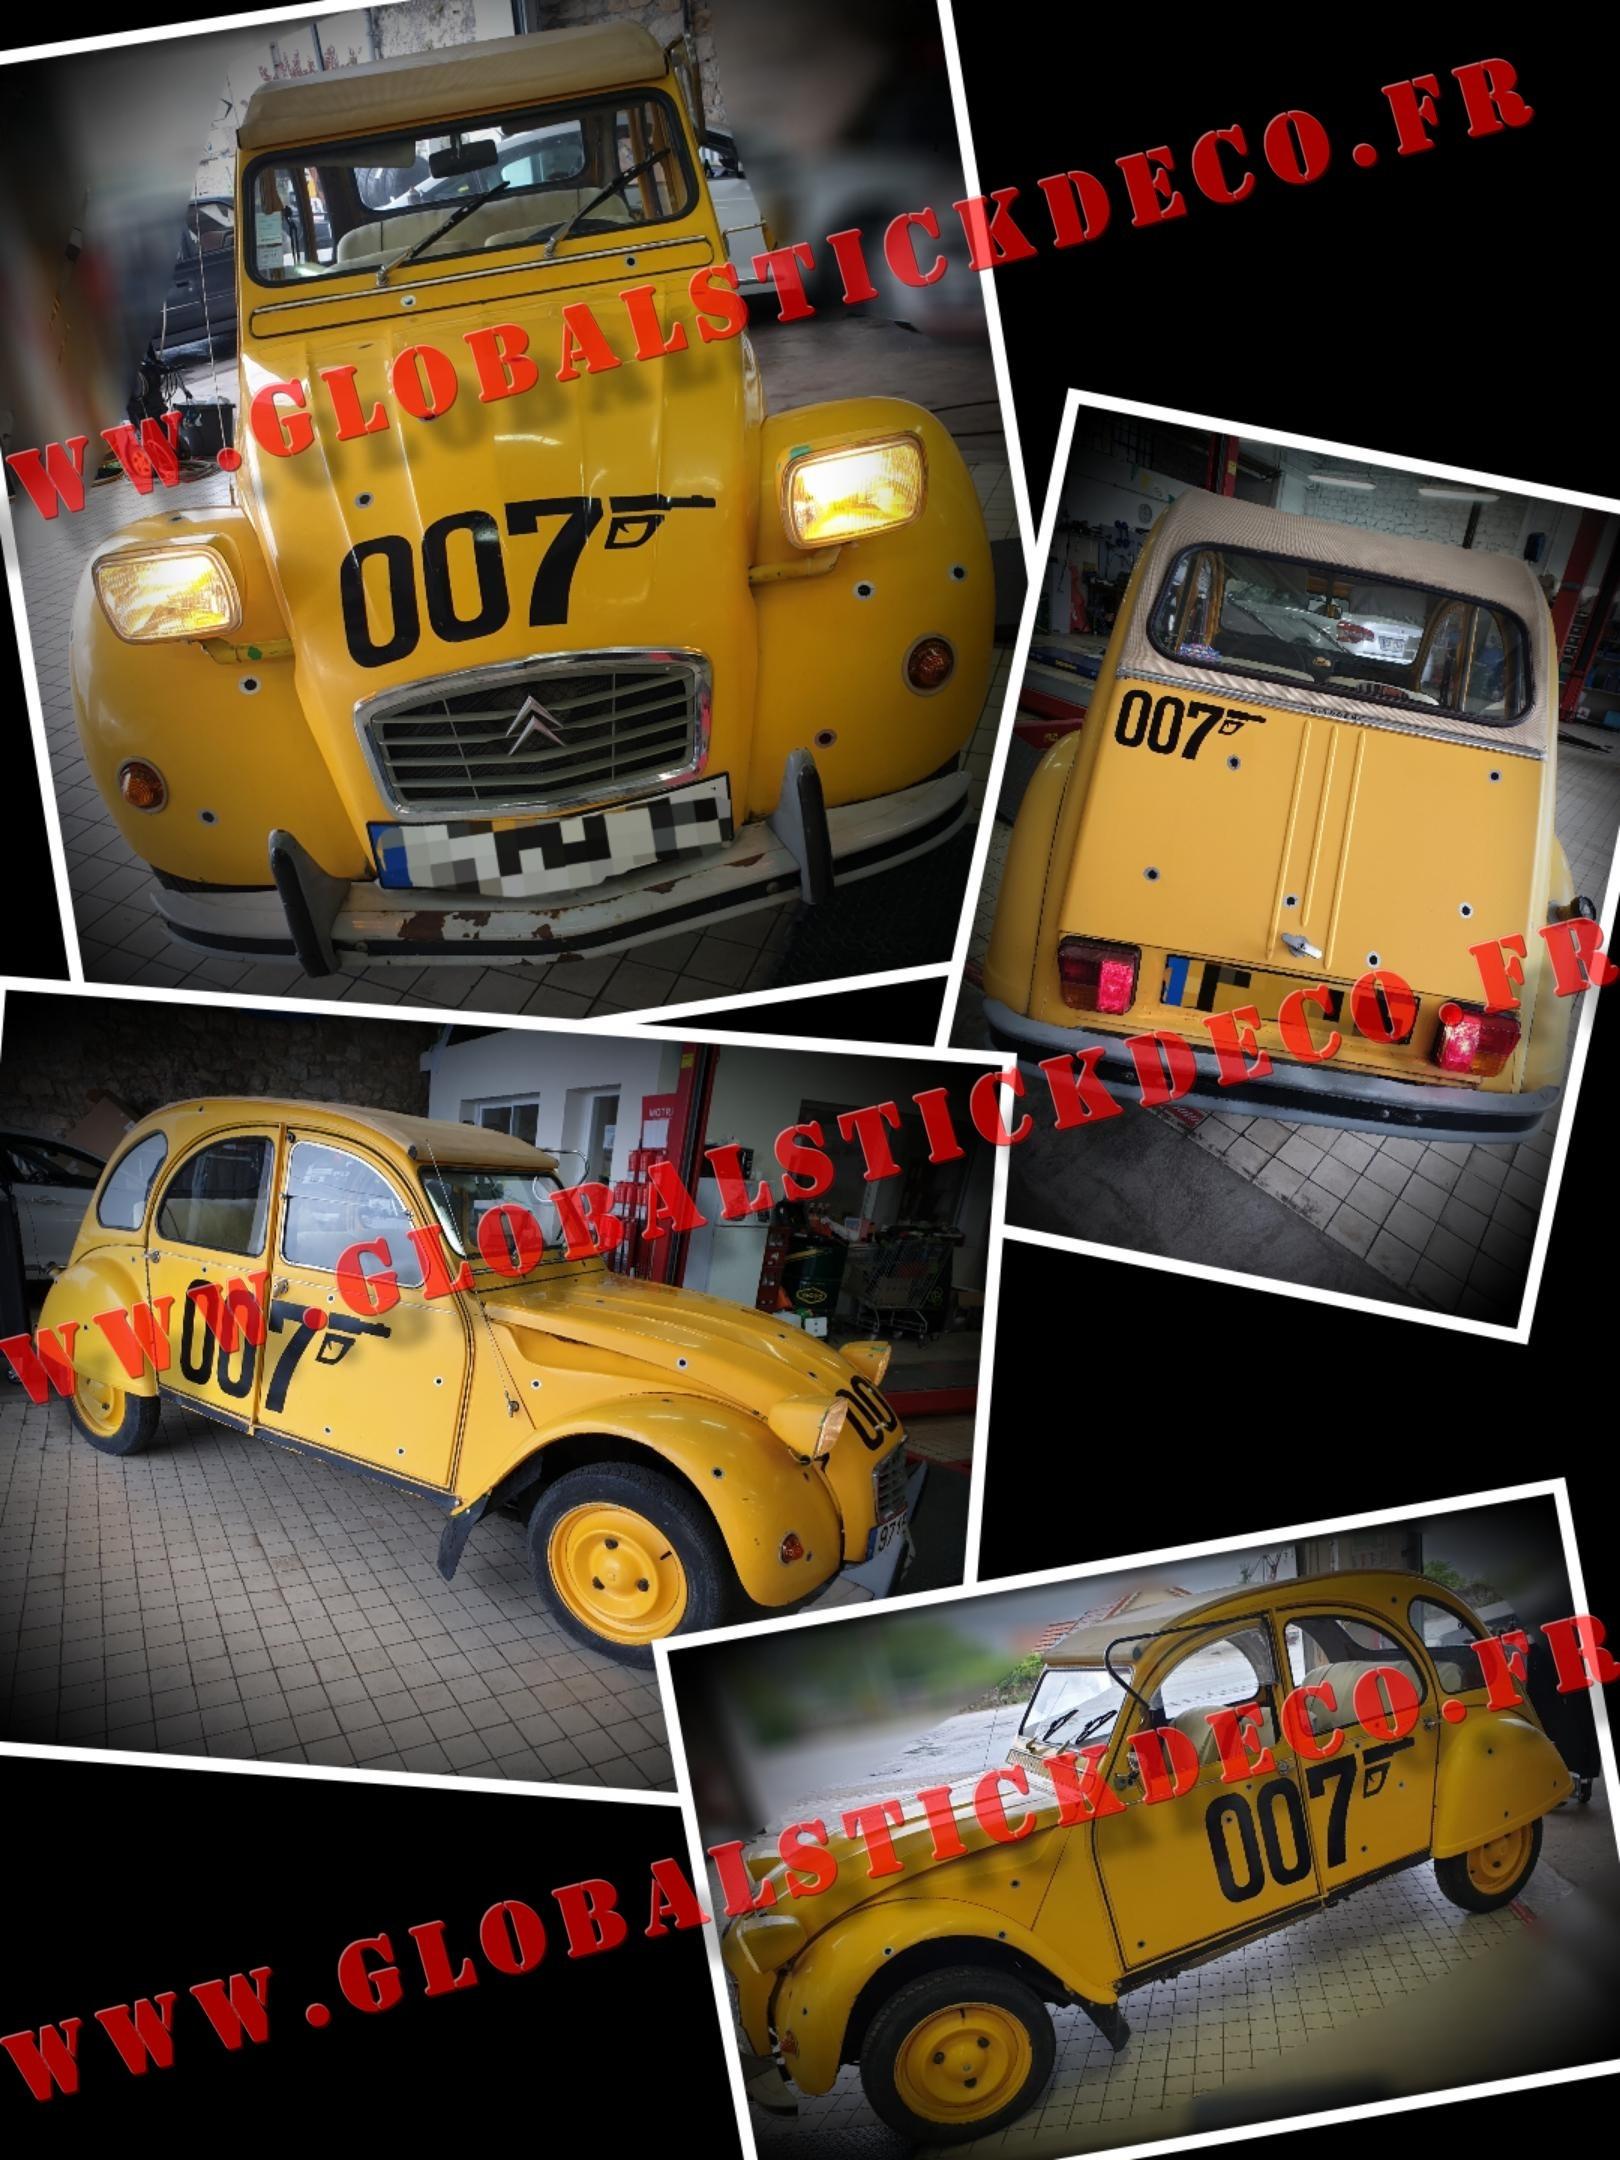 2cv 007 garage